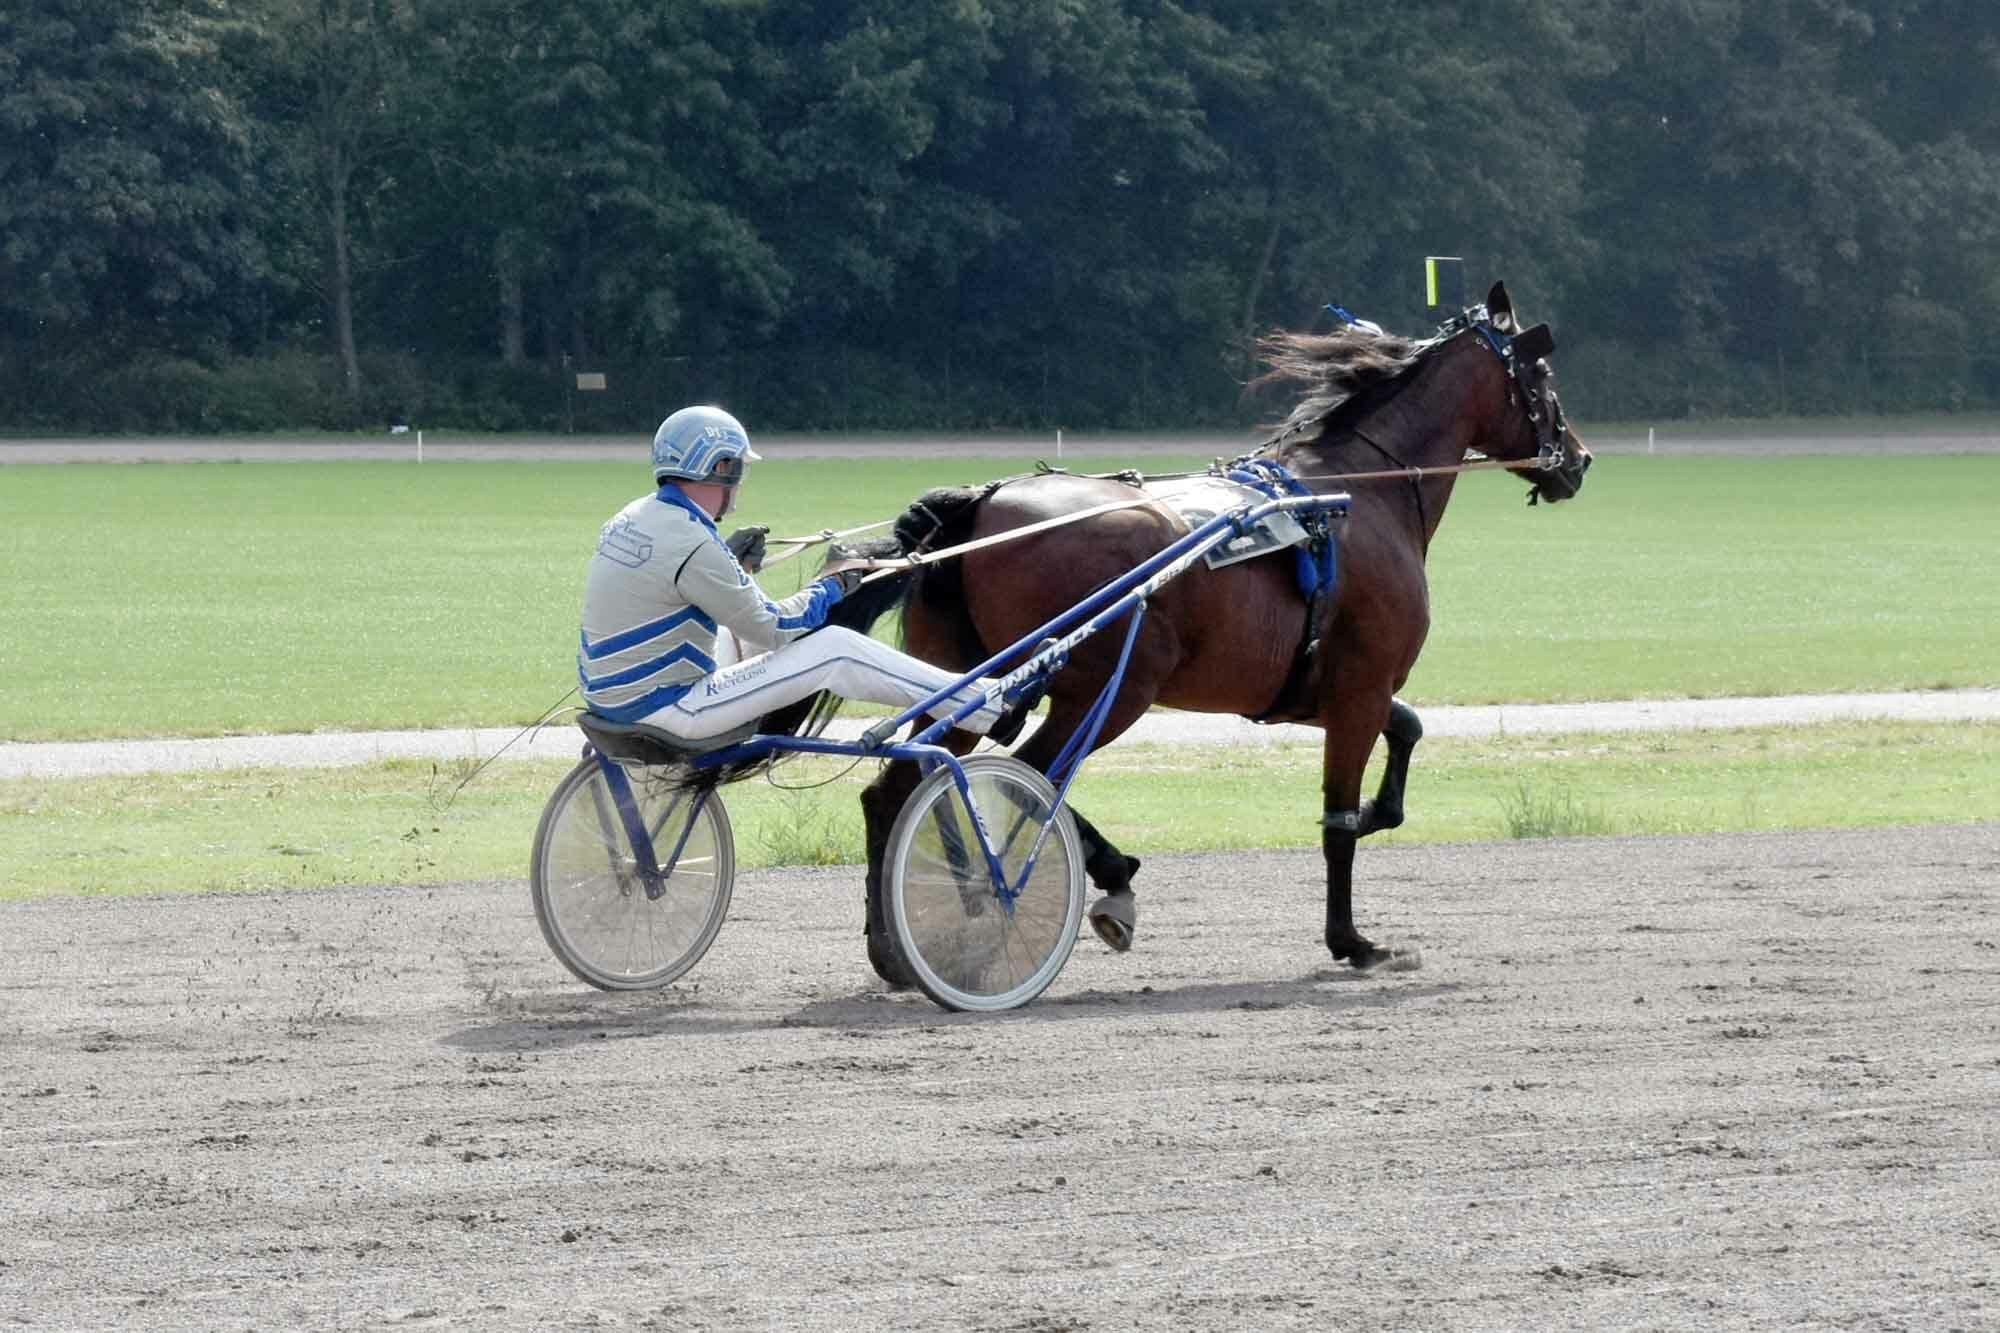 Paard Jet Bianco- Dion Tesselaar Drafbaan Groningen 2020